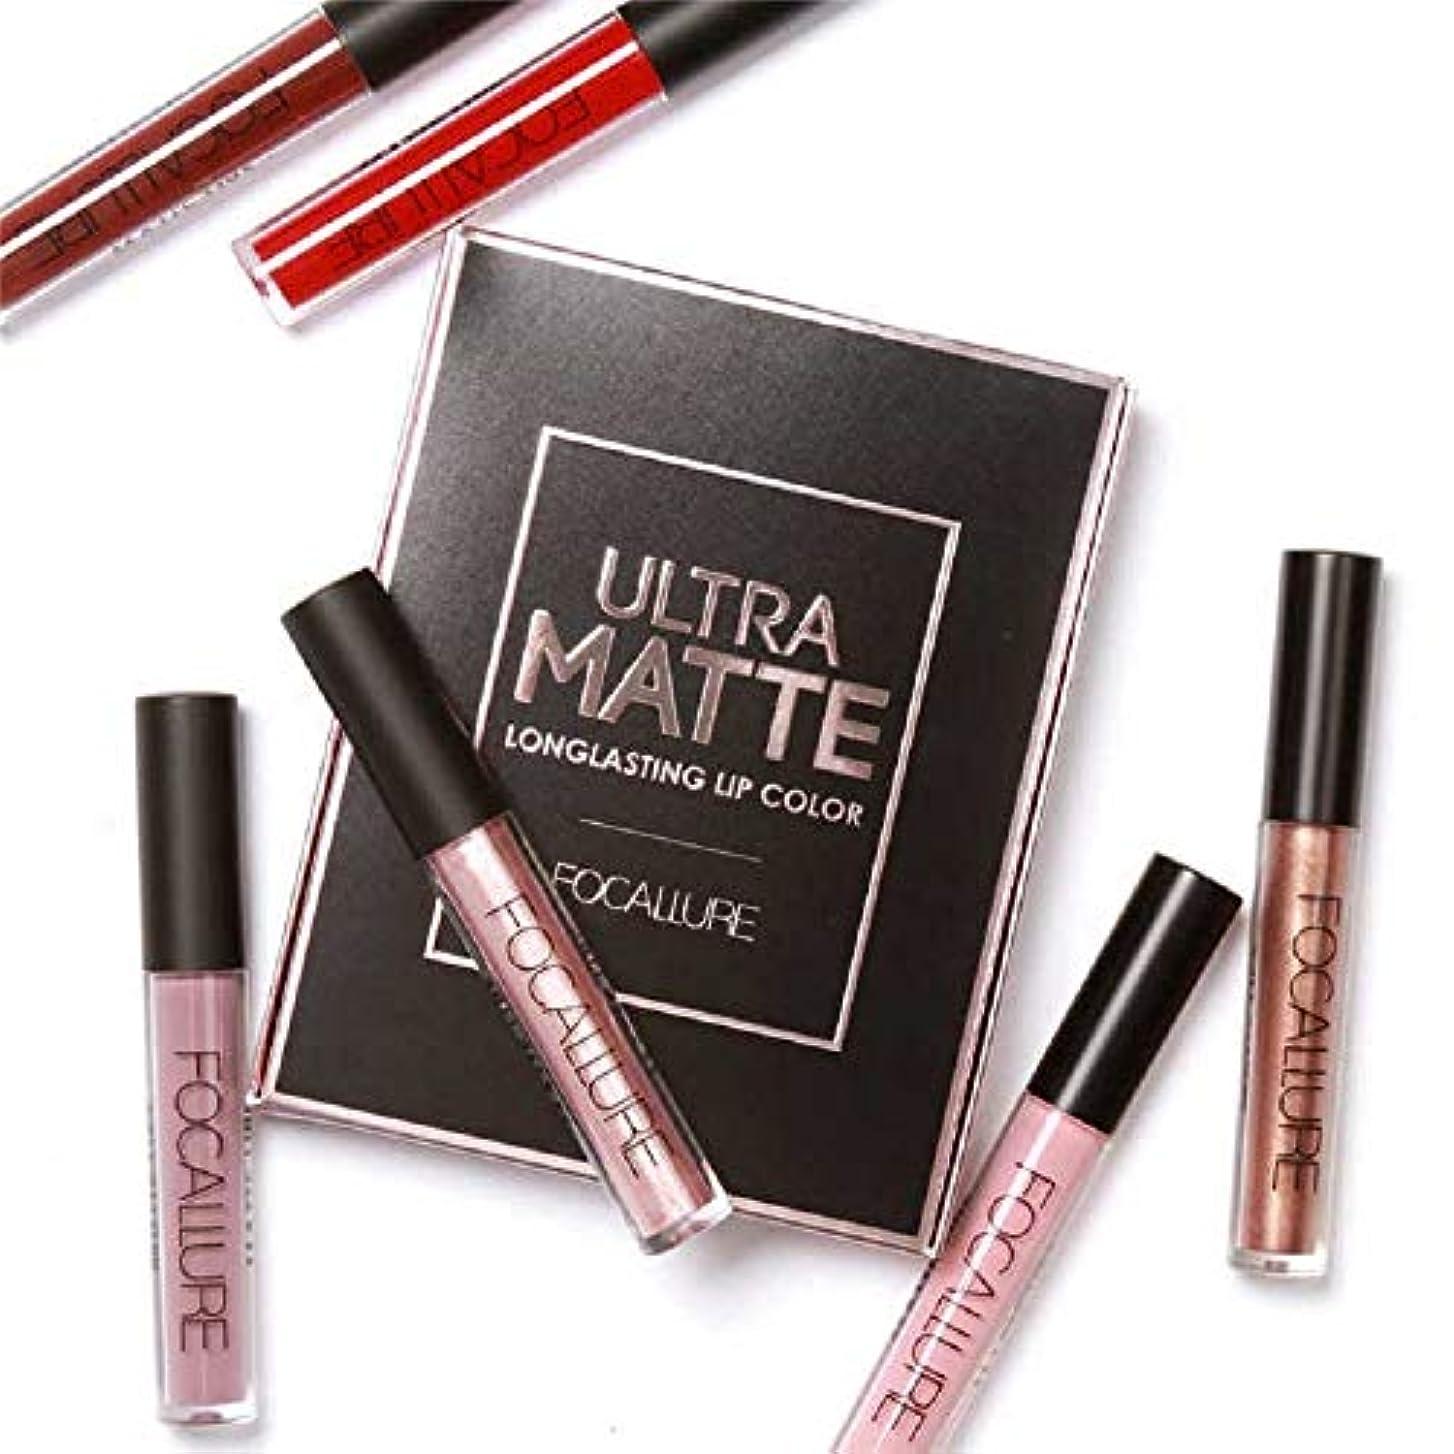 バンク願望永久に3Pcs/Set Long-lasting Lip Colors Makeup Waterproof Tint Lip Gloss Red Velvet Ultra Nude Matte Lipstick Set リップカラーメーキャップ...